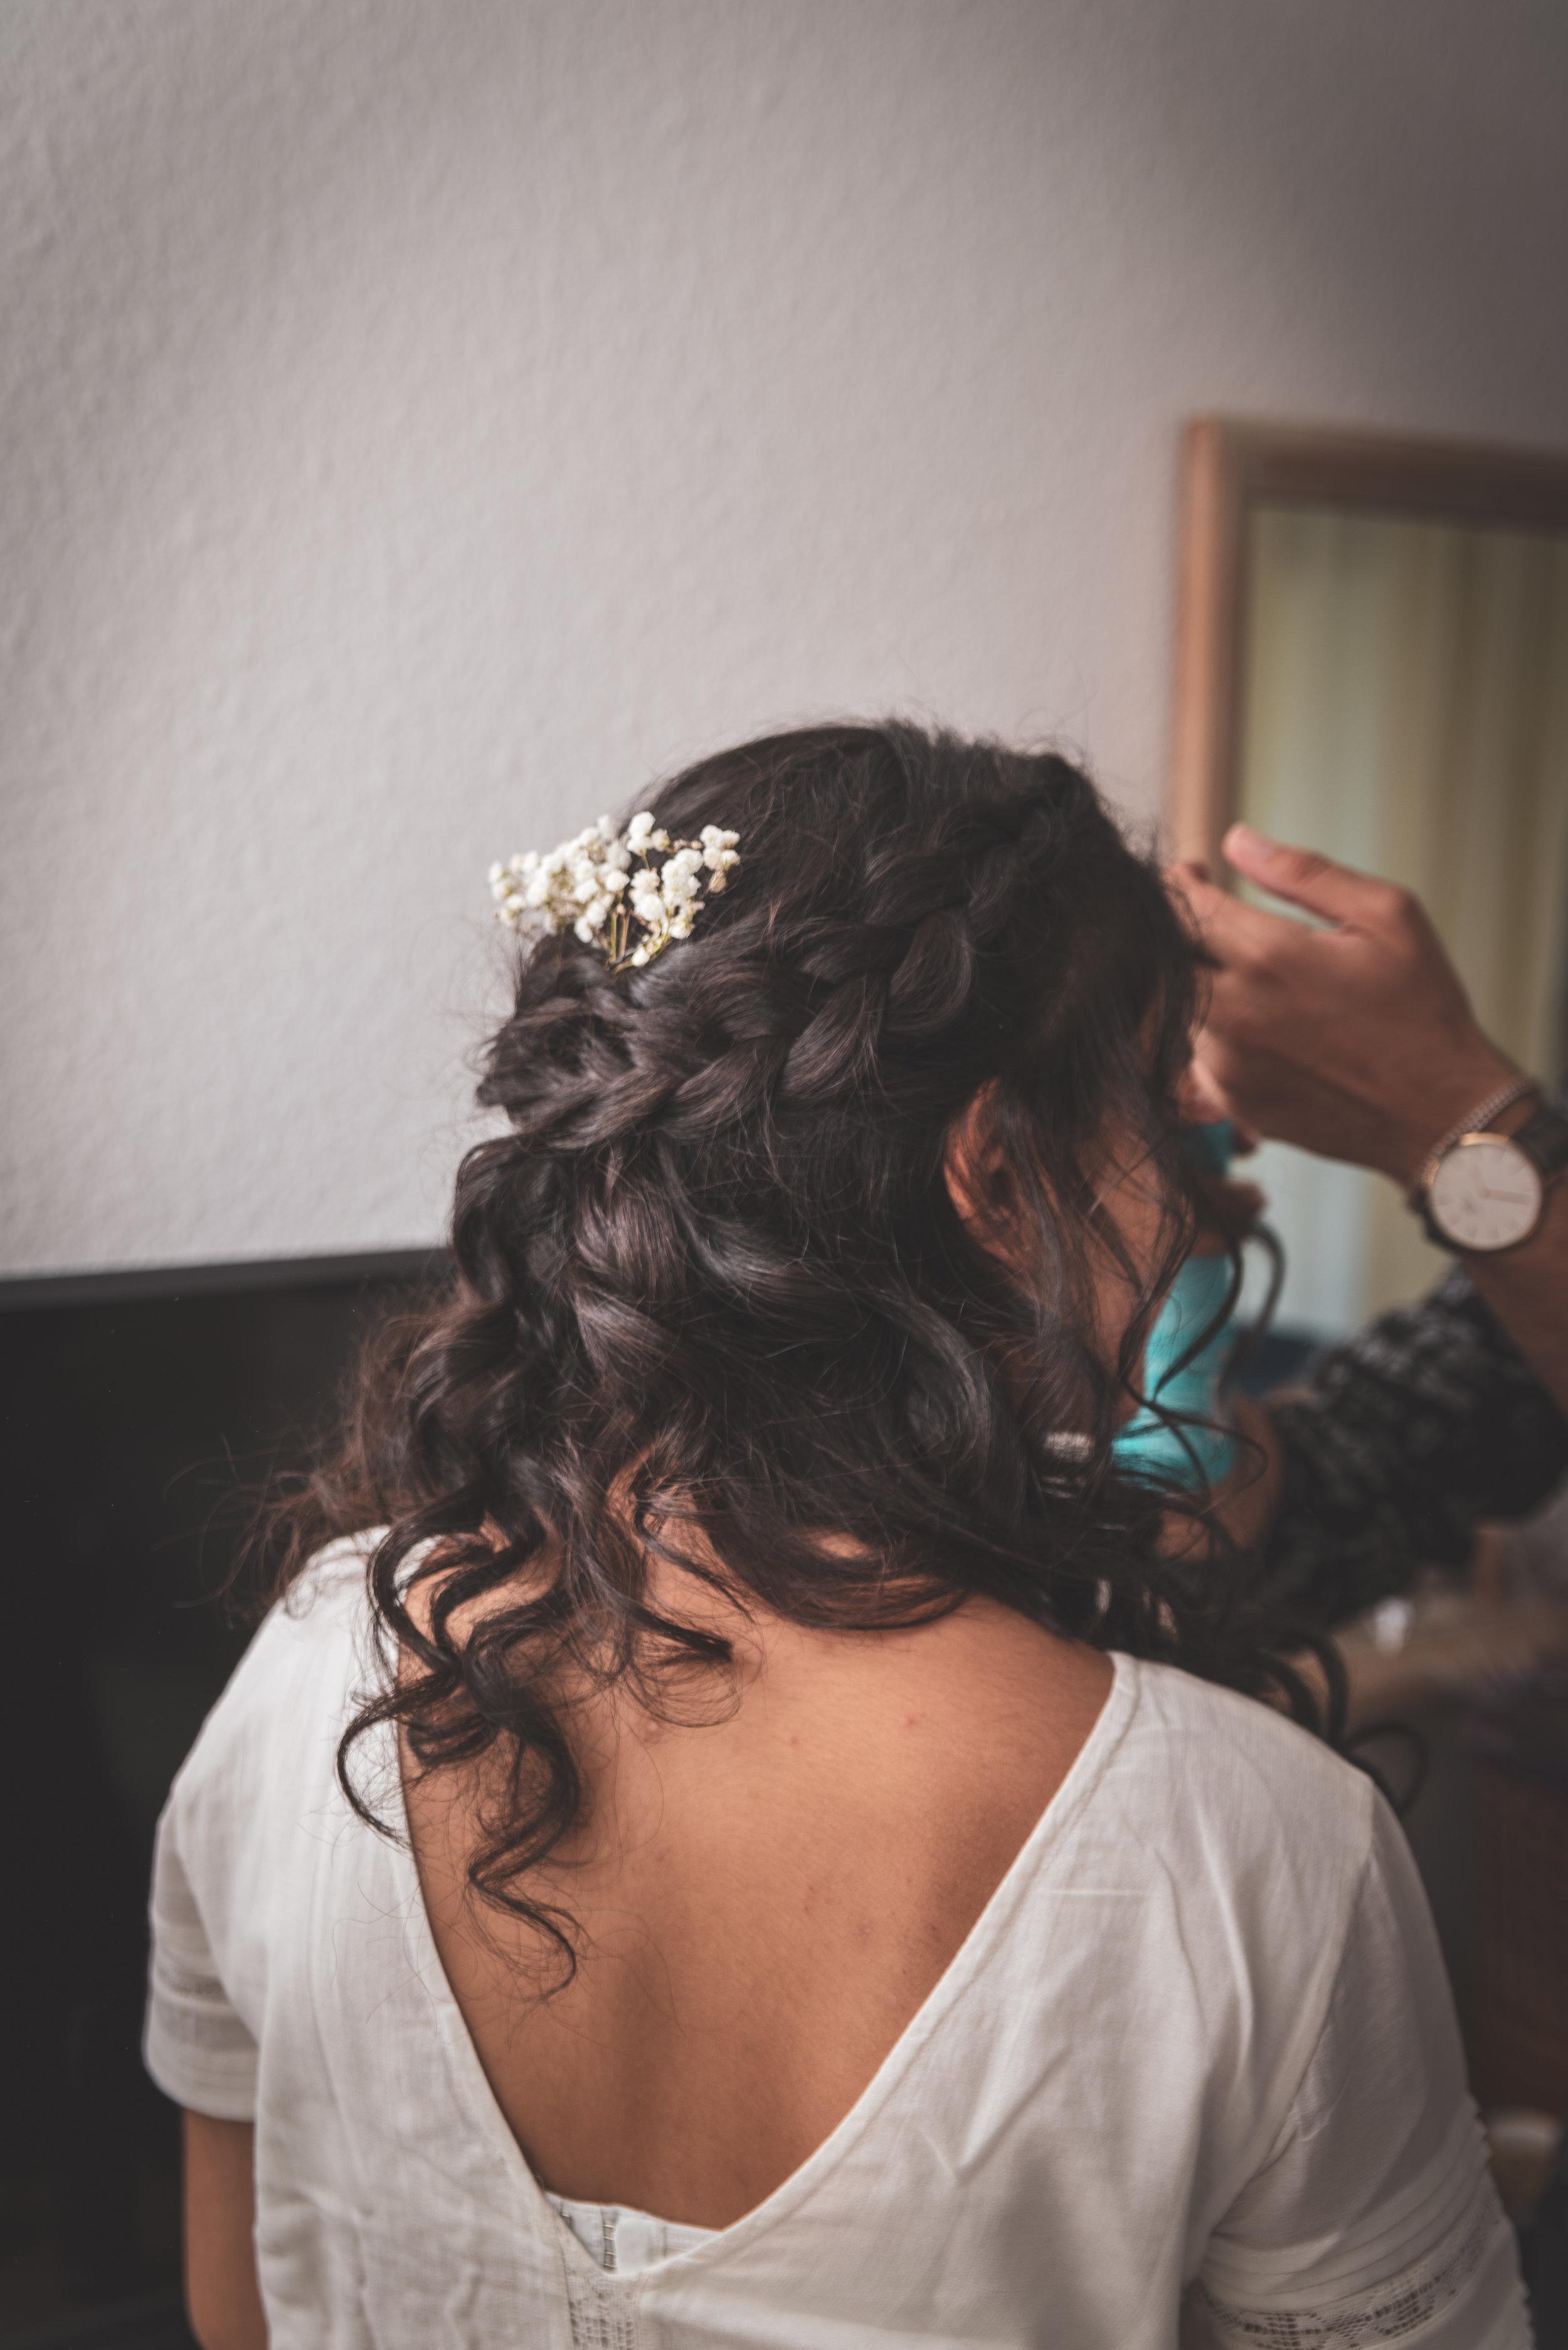 MRevenement organisation de mariage D et F cérémonie laïque La Réunion (12).jpeg